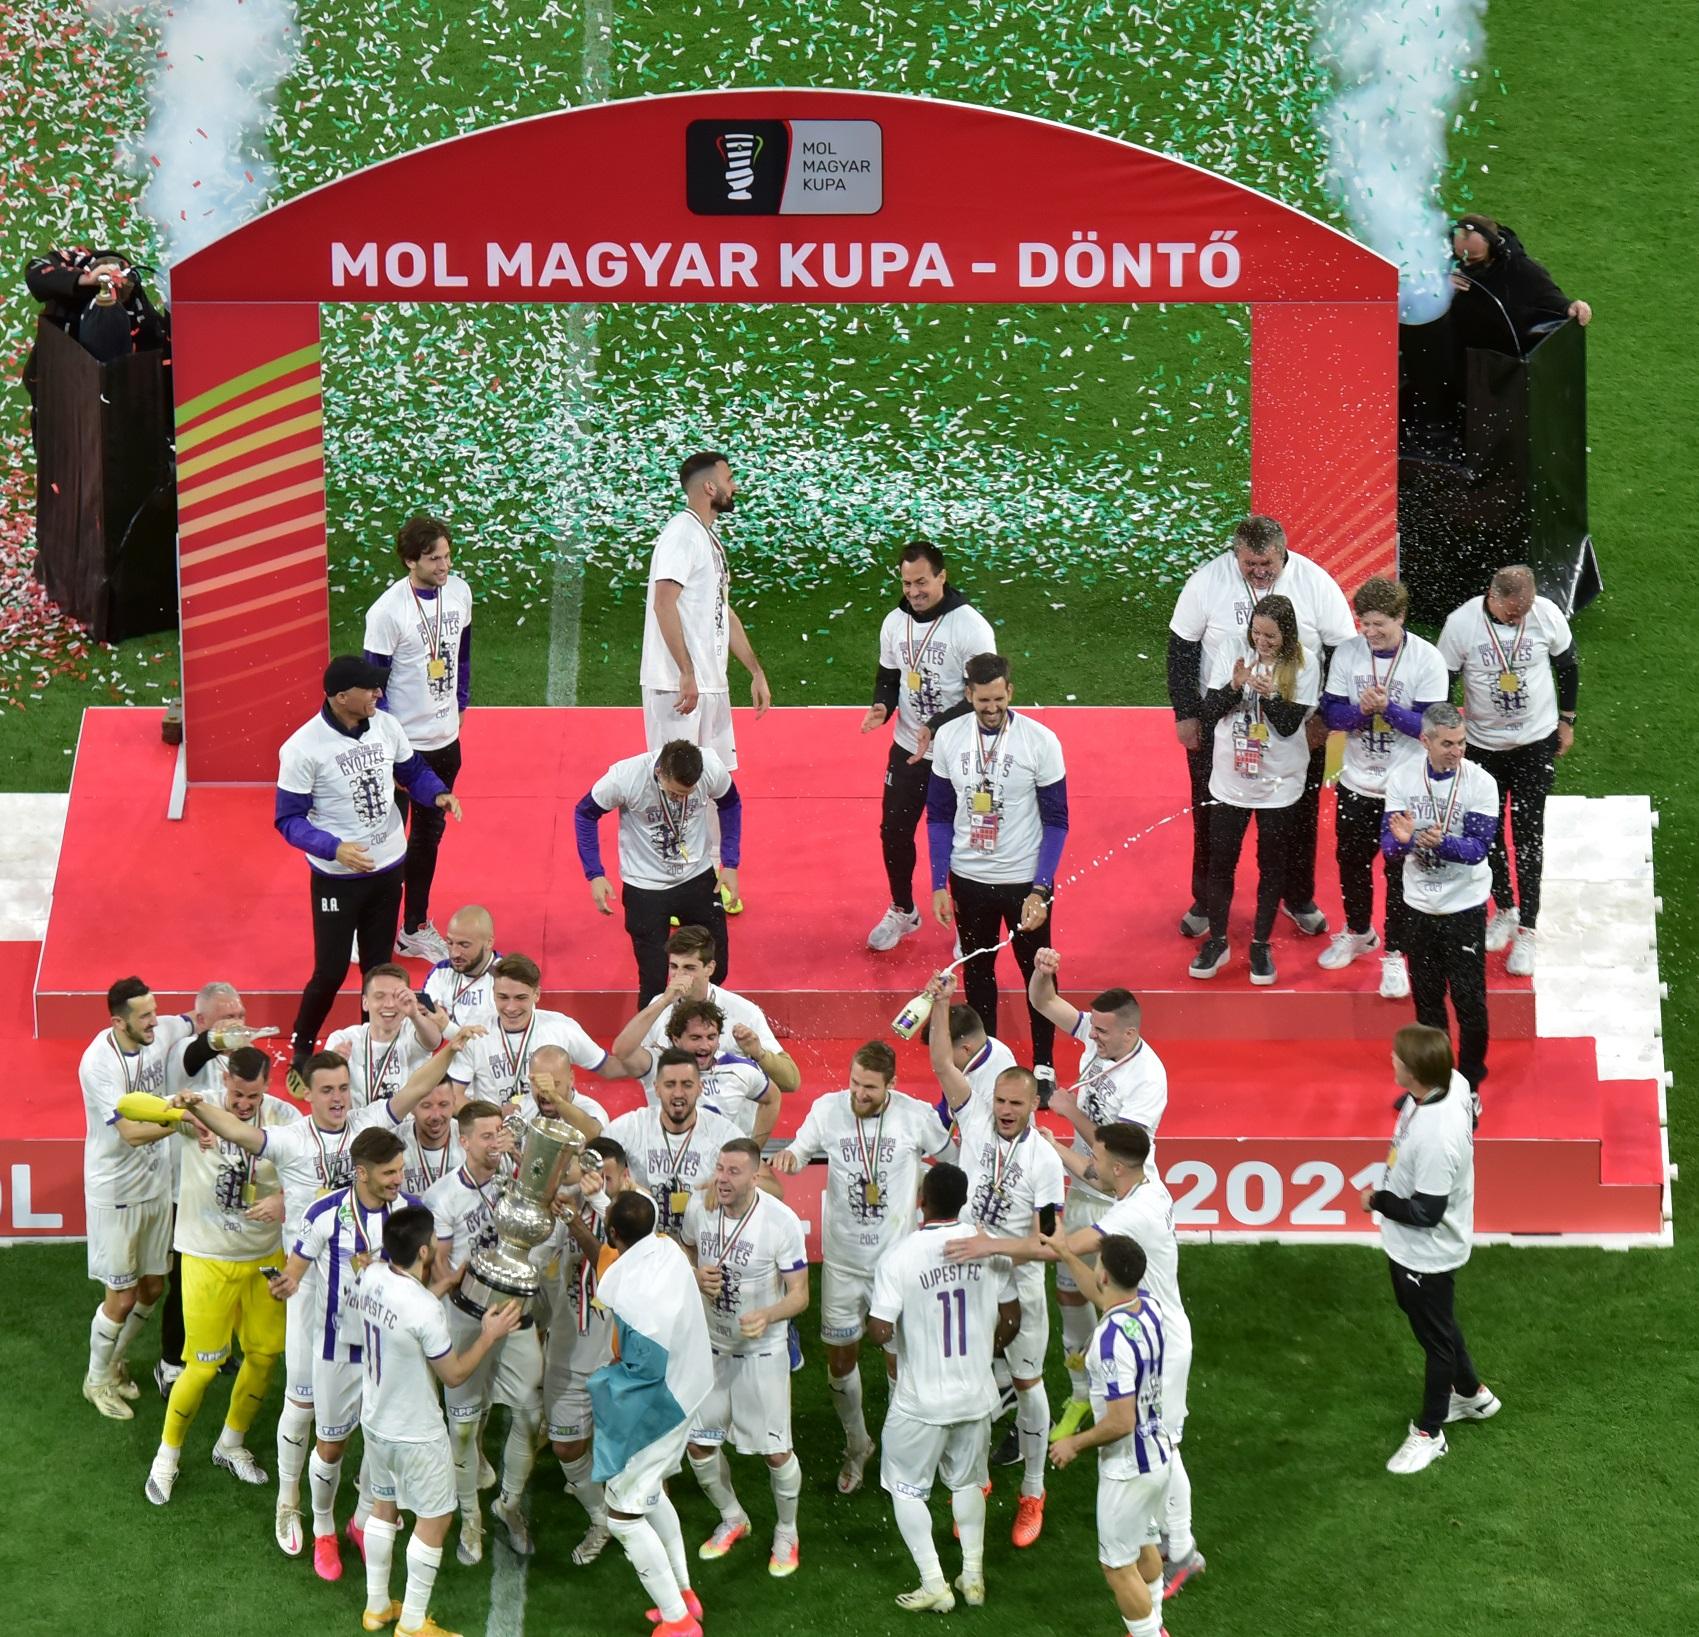 MOL Magyar Kupa Döntő 2021